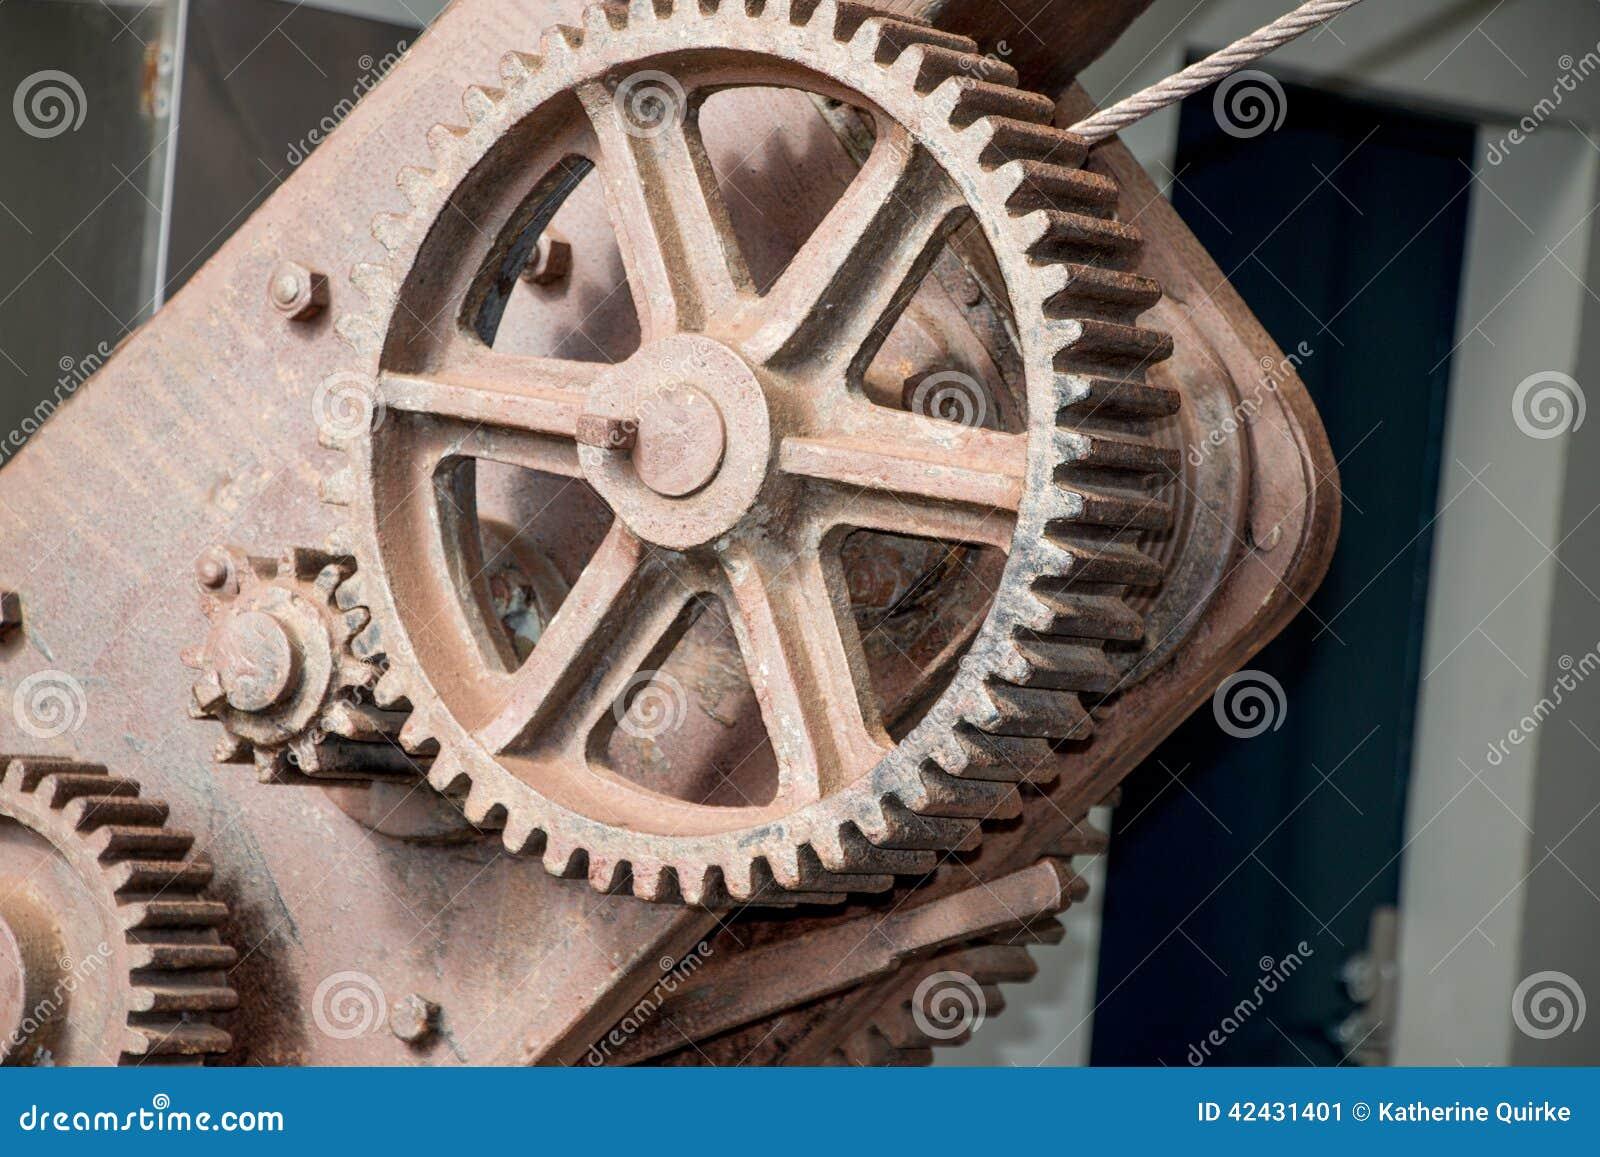 Gears 1